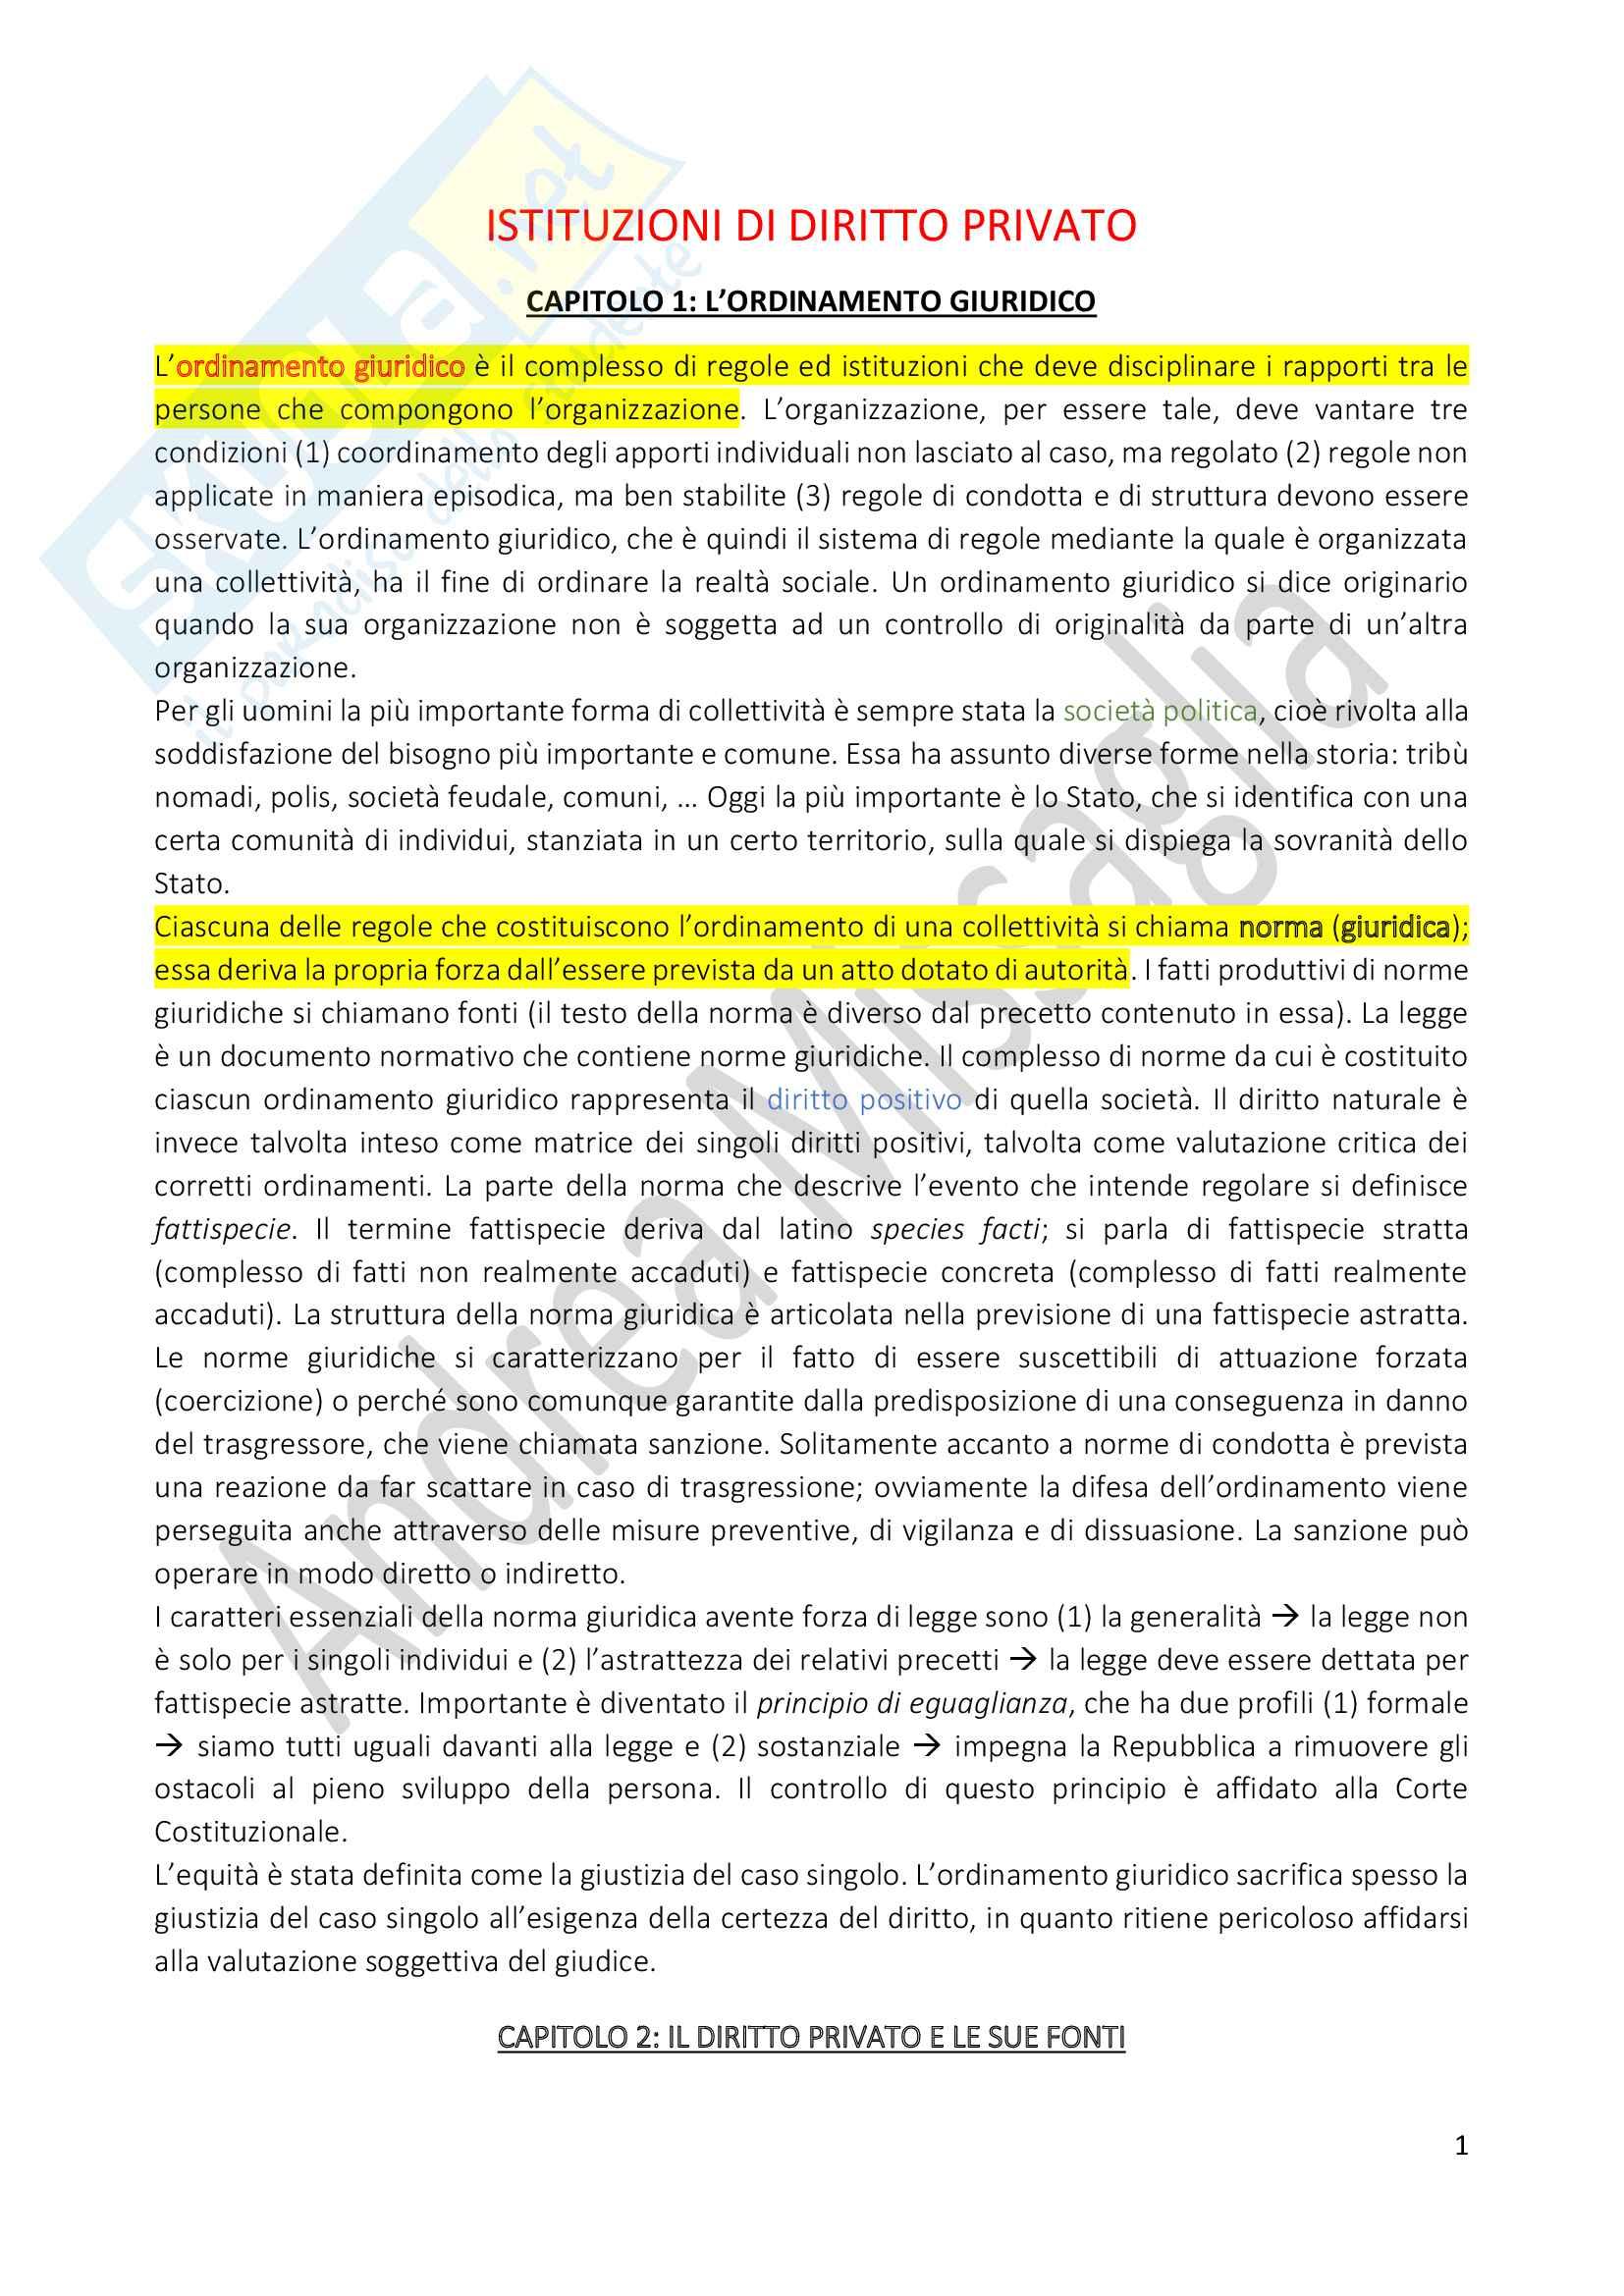 Riassunto Esame Istituzioni di Diritto Privato (Economia), prof. Schiavone